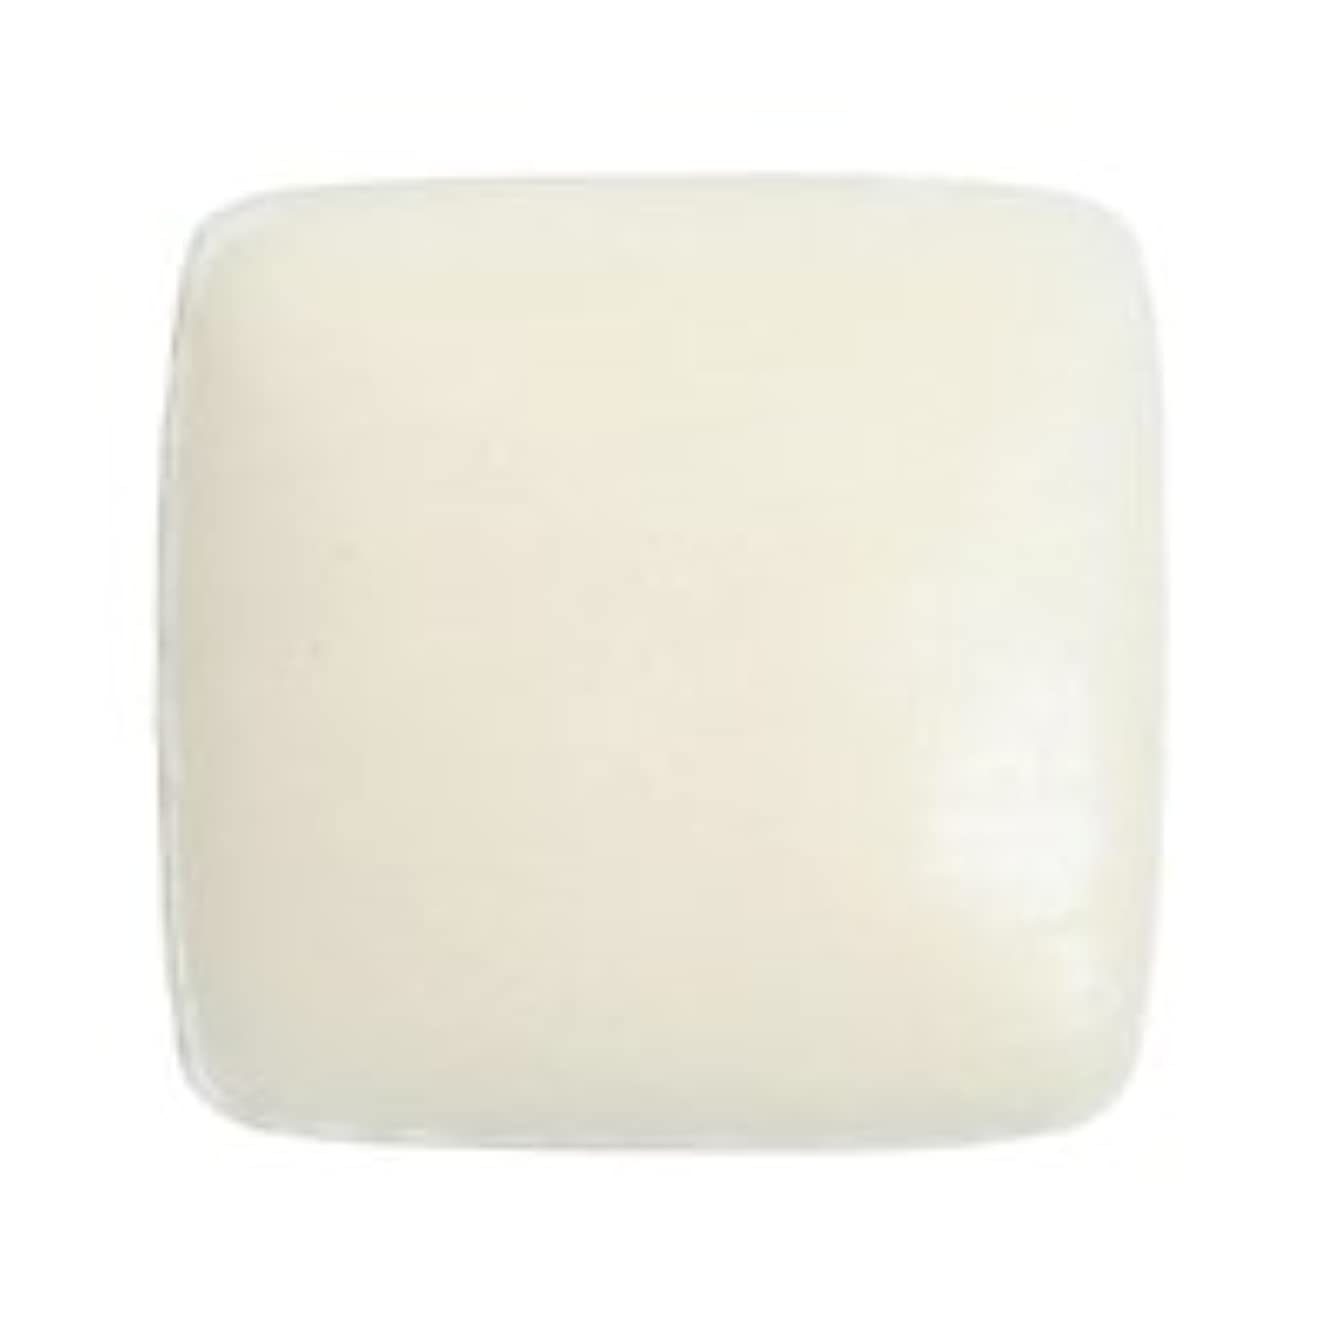 地雷原ベッドを作る首相ドクターY ホワイトクレイソープ80g 固形石鹸